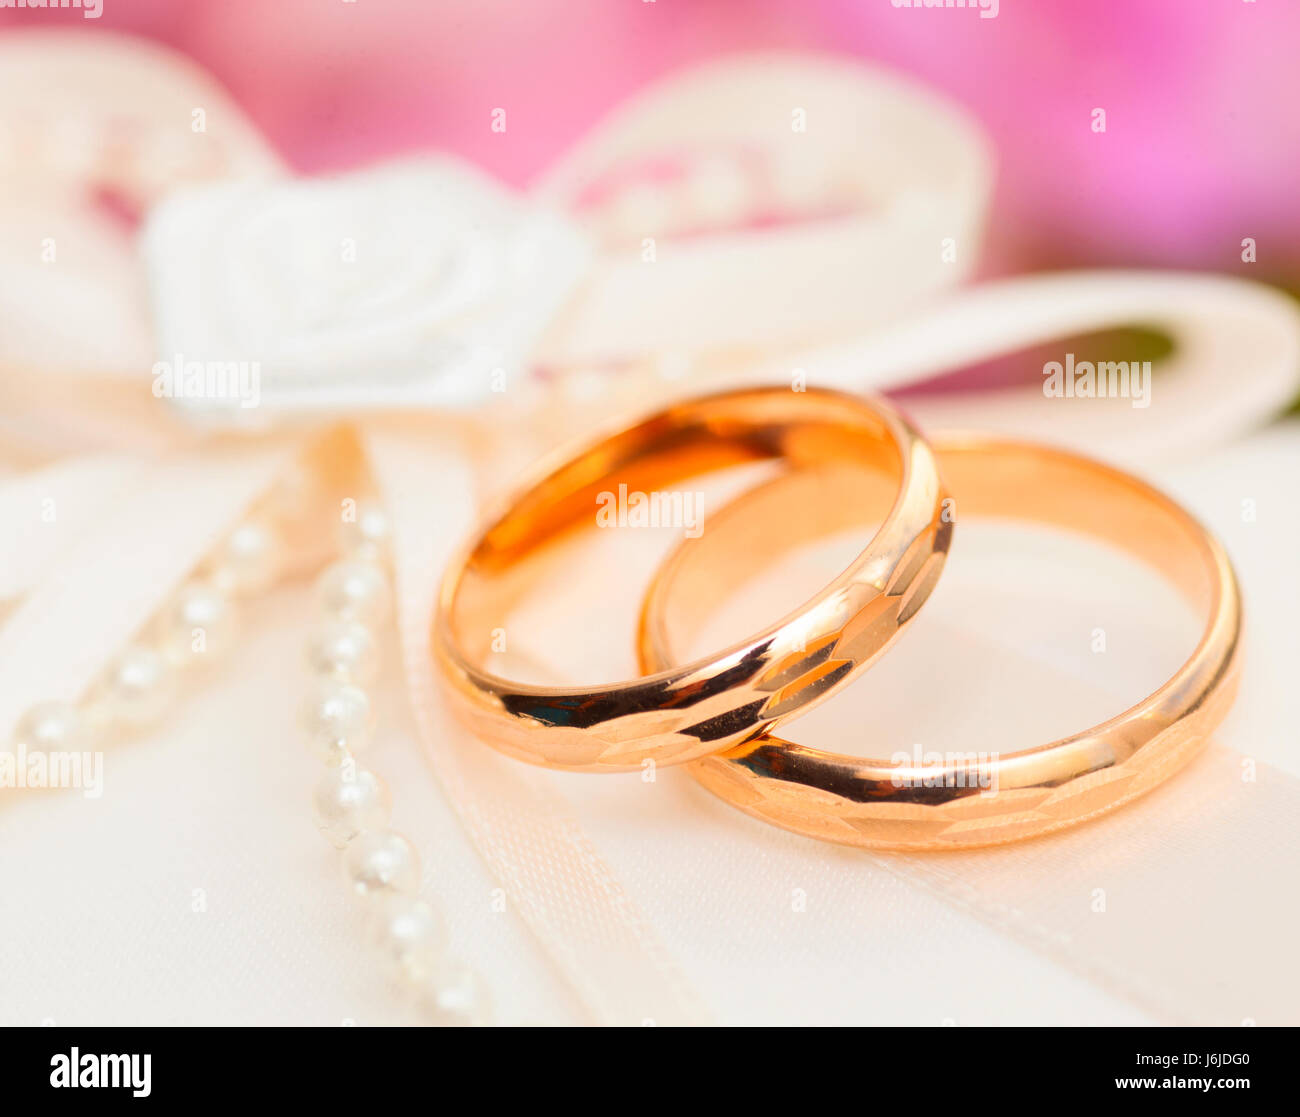 Zwei Goldene Hochzeit Ringe Mit Garnhaspel Auf Kissen Stockfoto